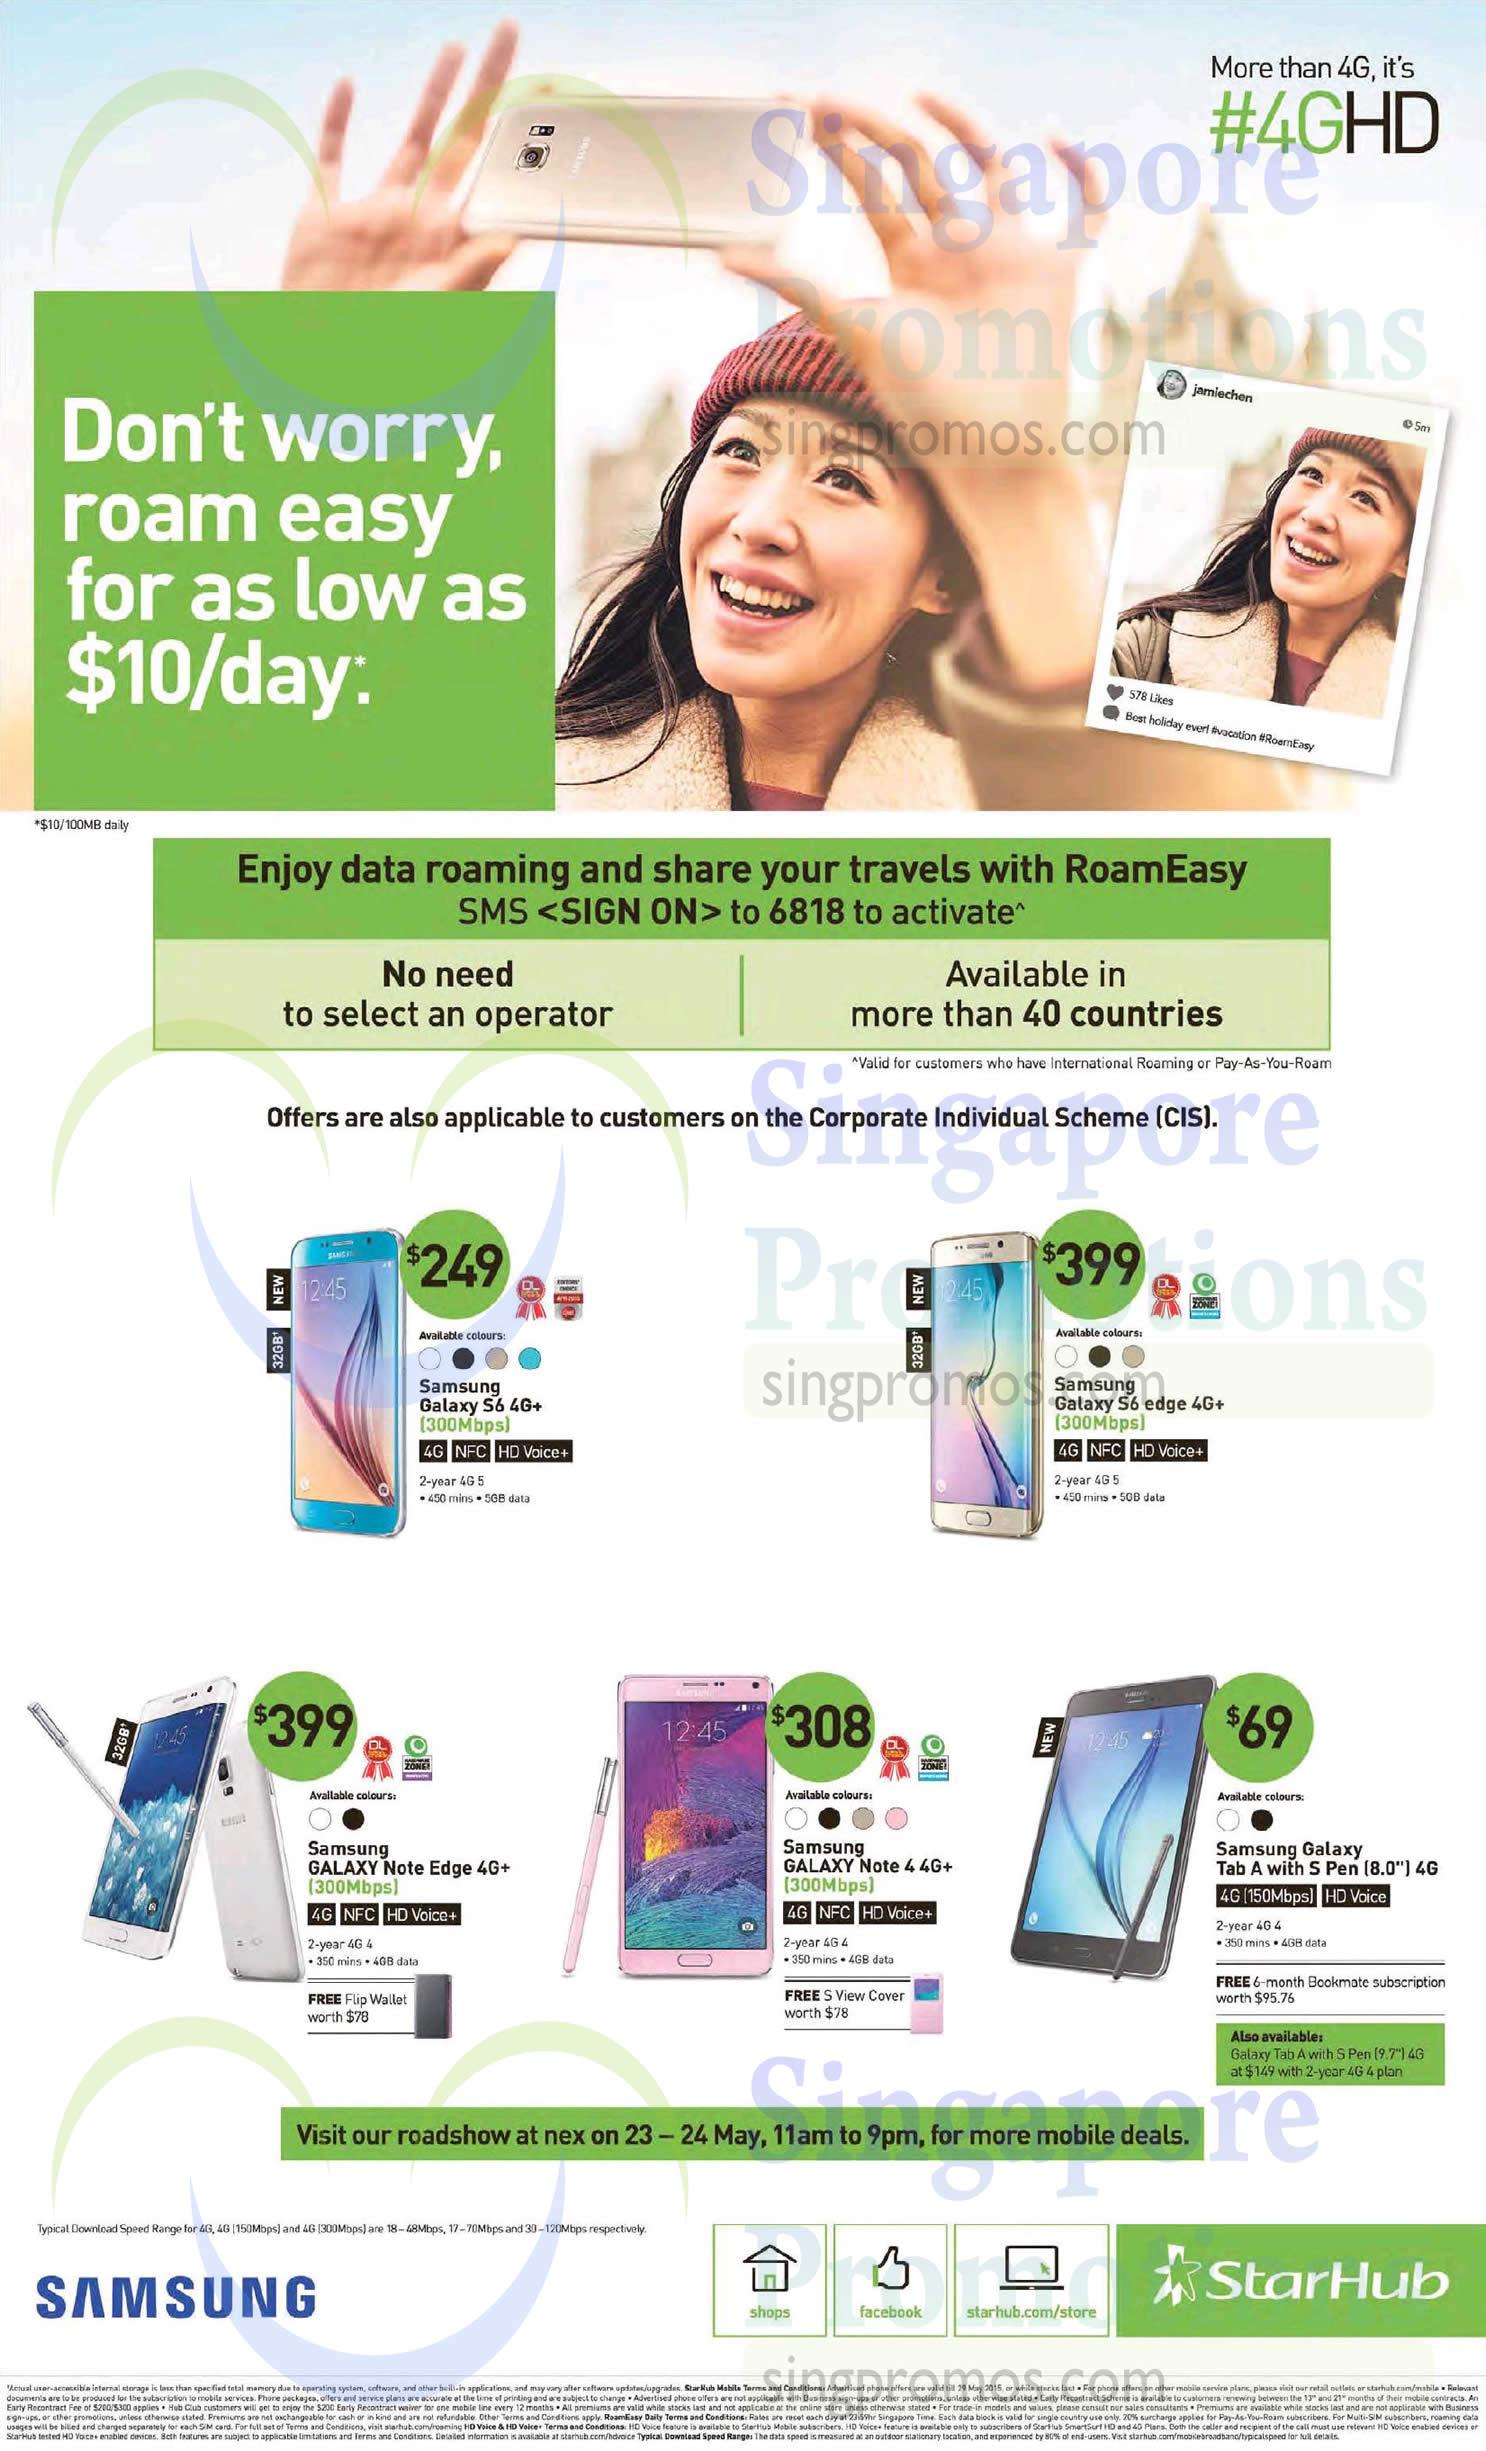 Nex Roadshow, Samsung Galaxy S6, Samsung Galaxy S6 Edge, Samsung Galaxy Note Edge, Samsung Galaxy Note 4, Samsung Galaxy Tab A 8.0